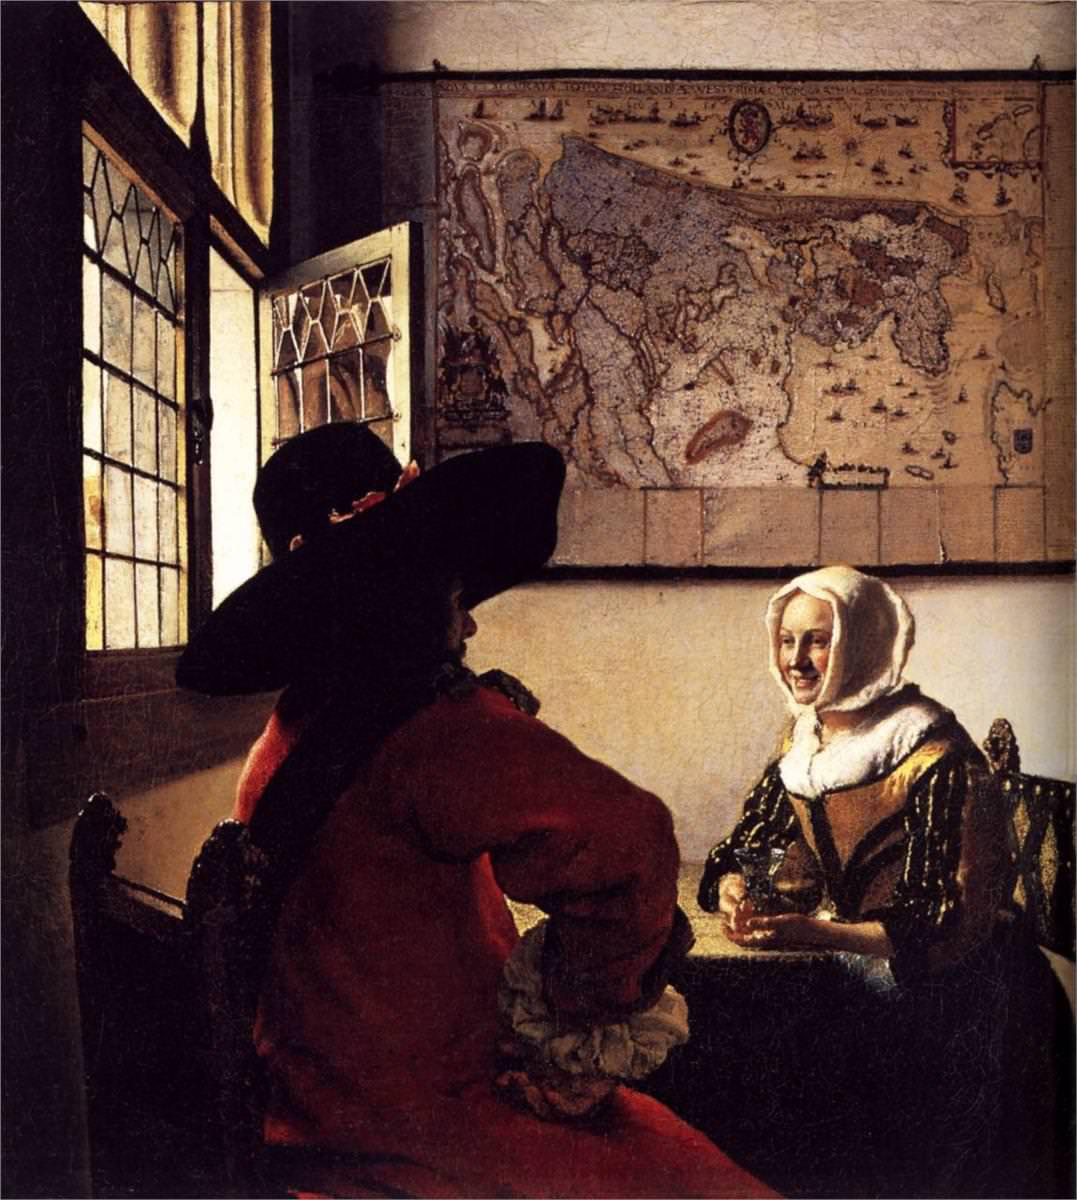 Oficial y mujer sonriendo, h. 1658, óleo sobre tabla, 49,2 x 44,4 cm, Nueva York, Colección Frick.